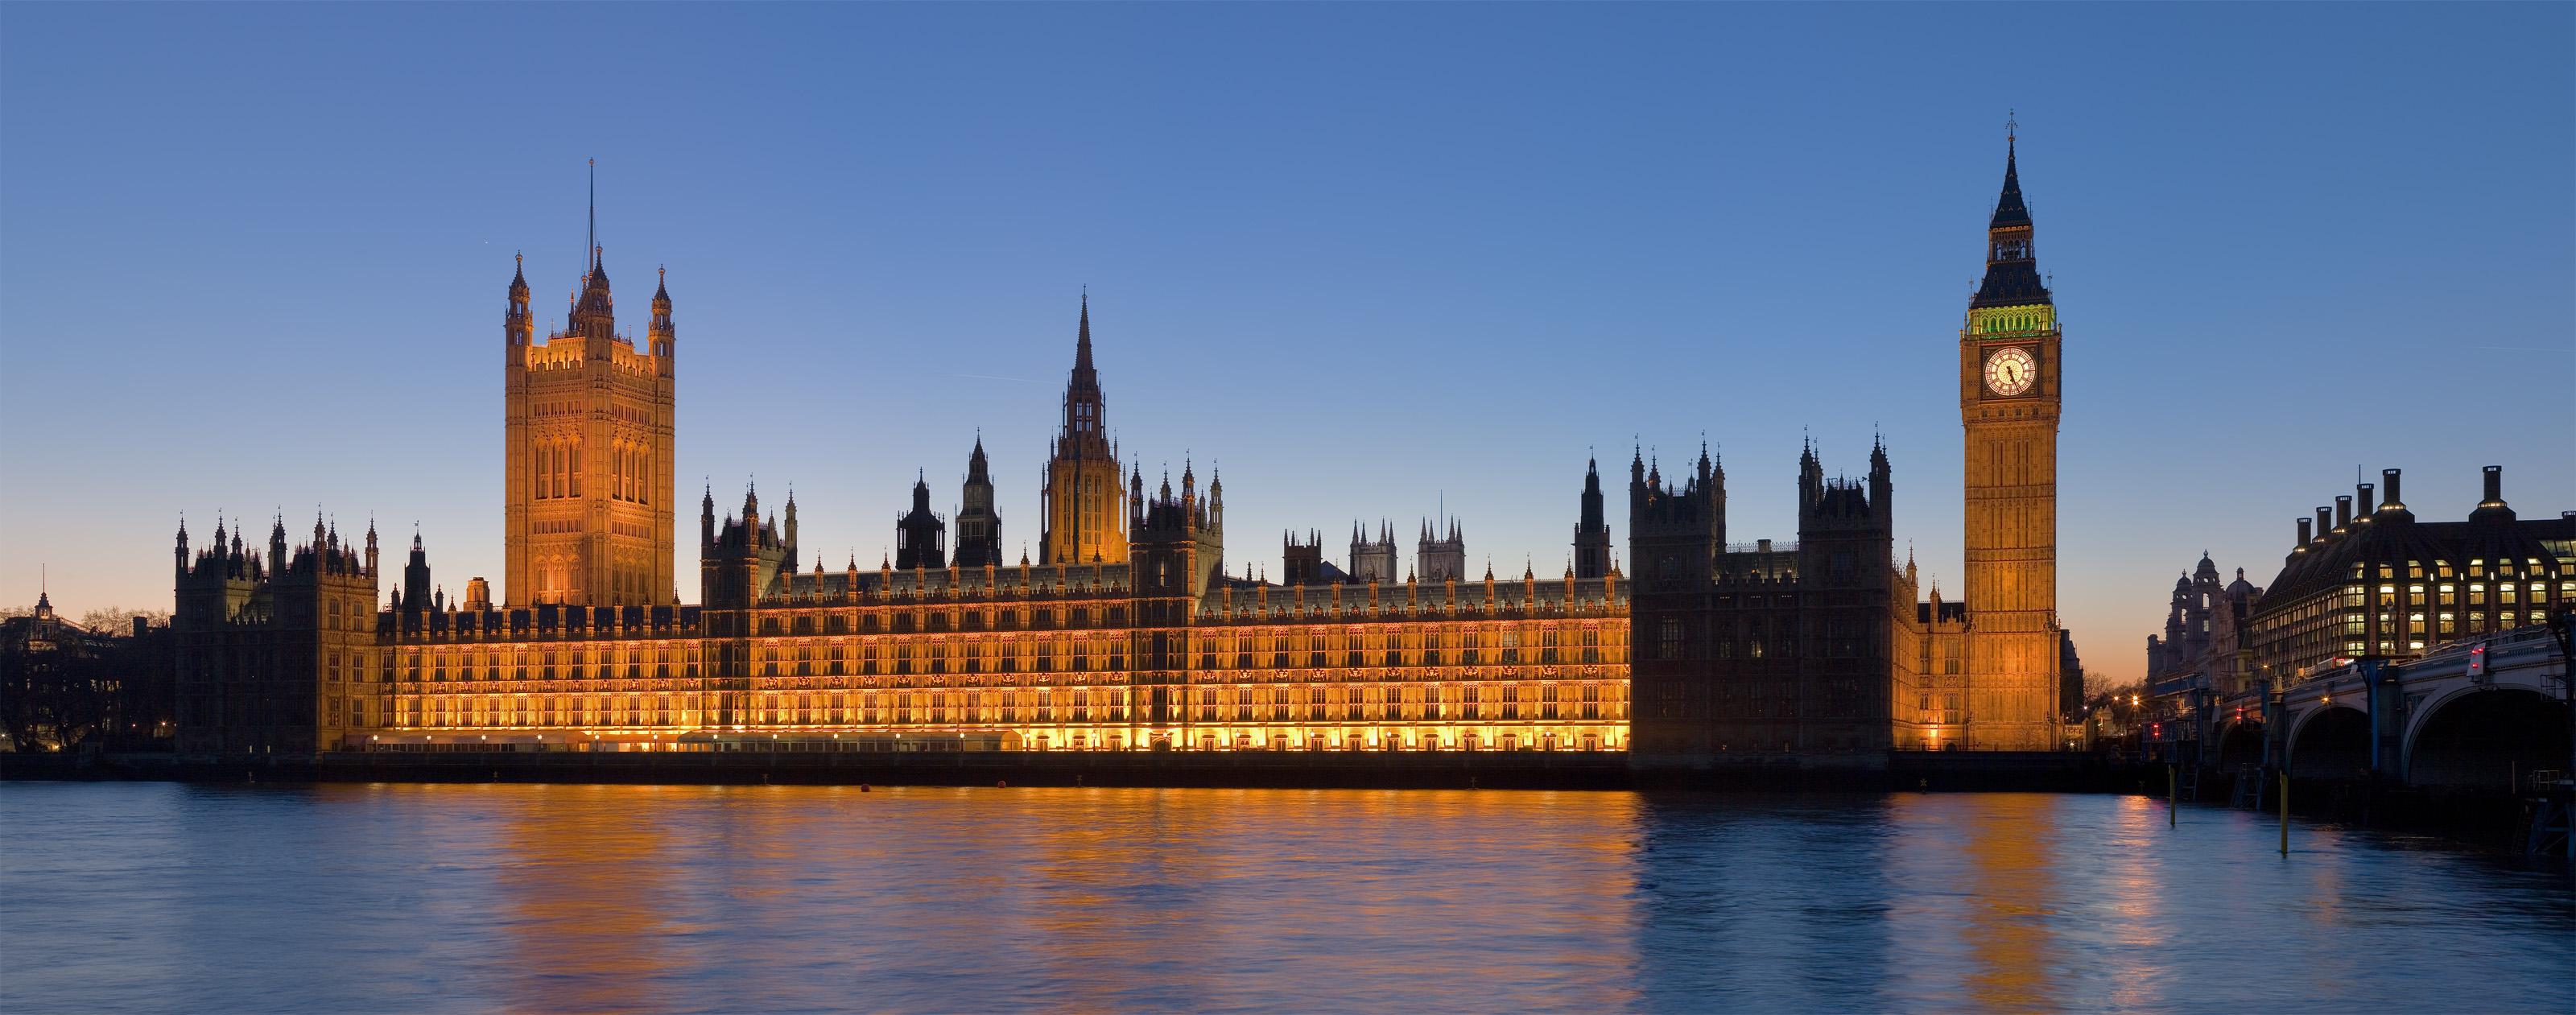 Palacio de Westminster, Londres ( Fuente: Wikipedia )